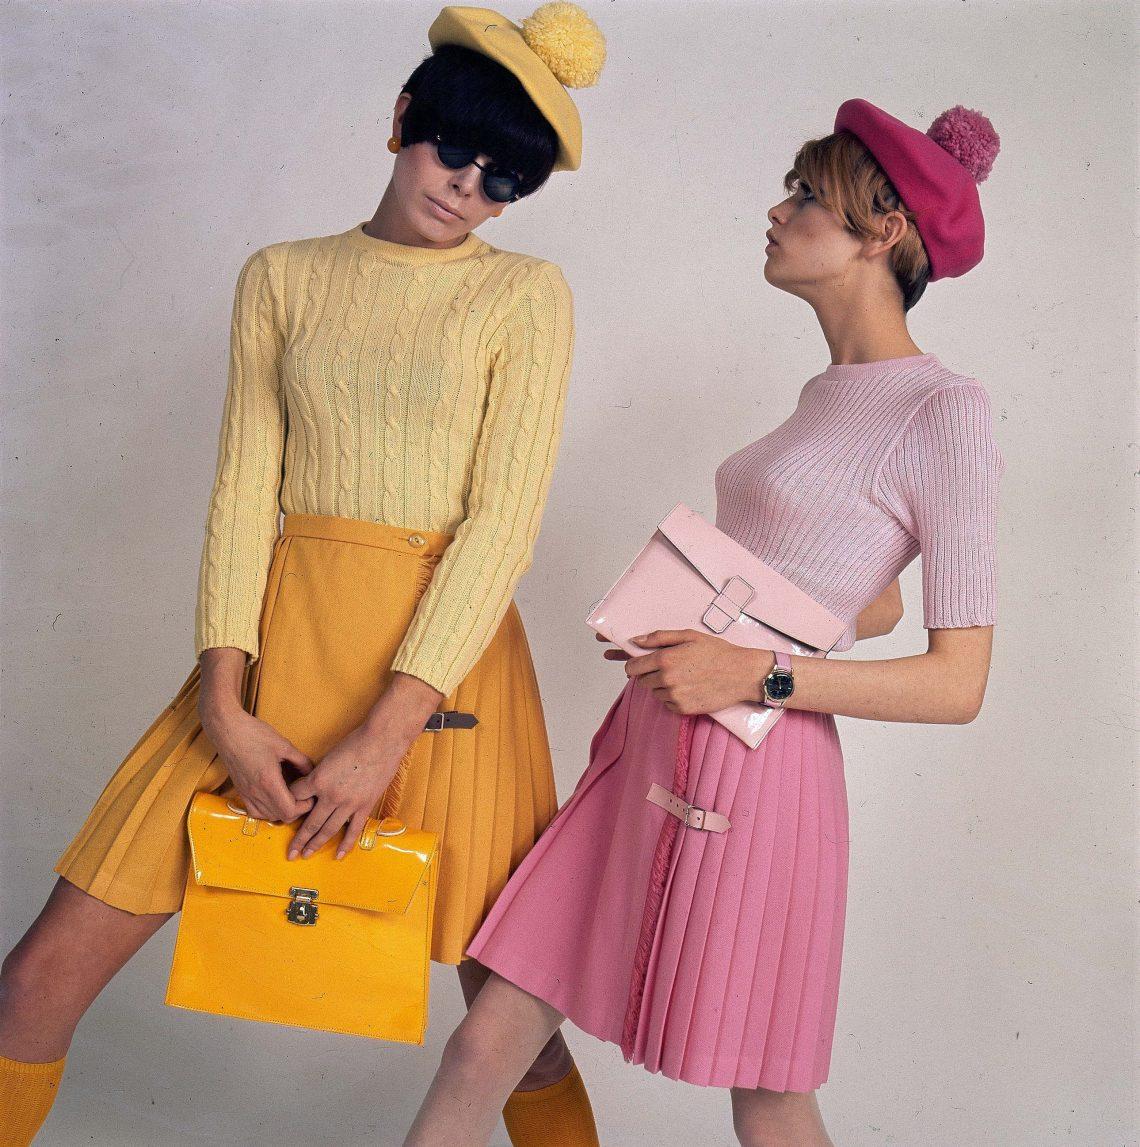 olika klädstilar kvinnor